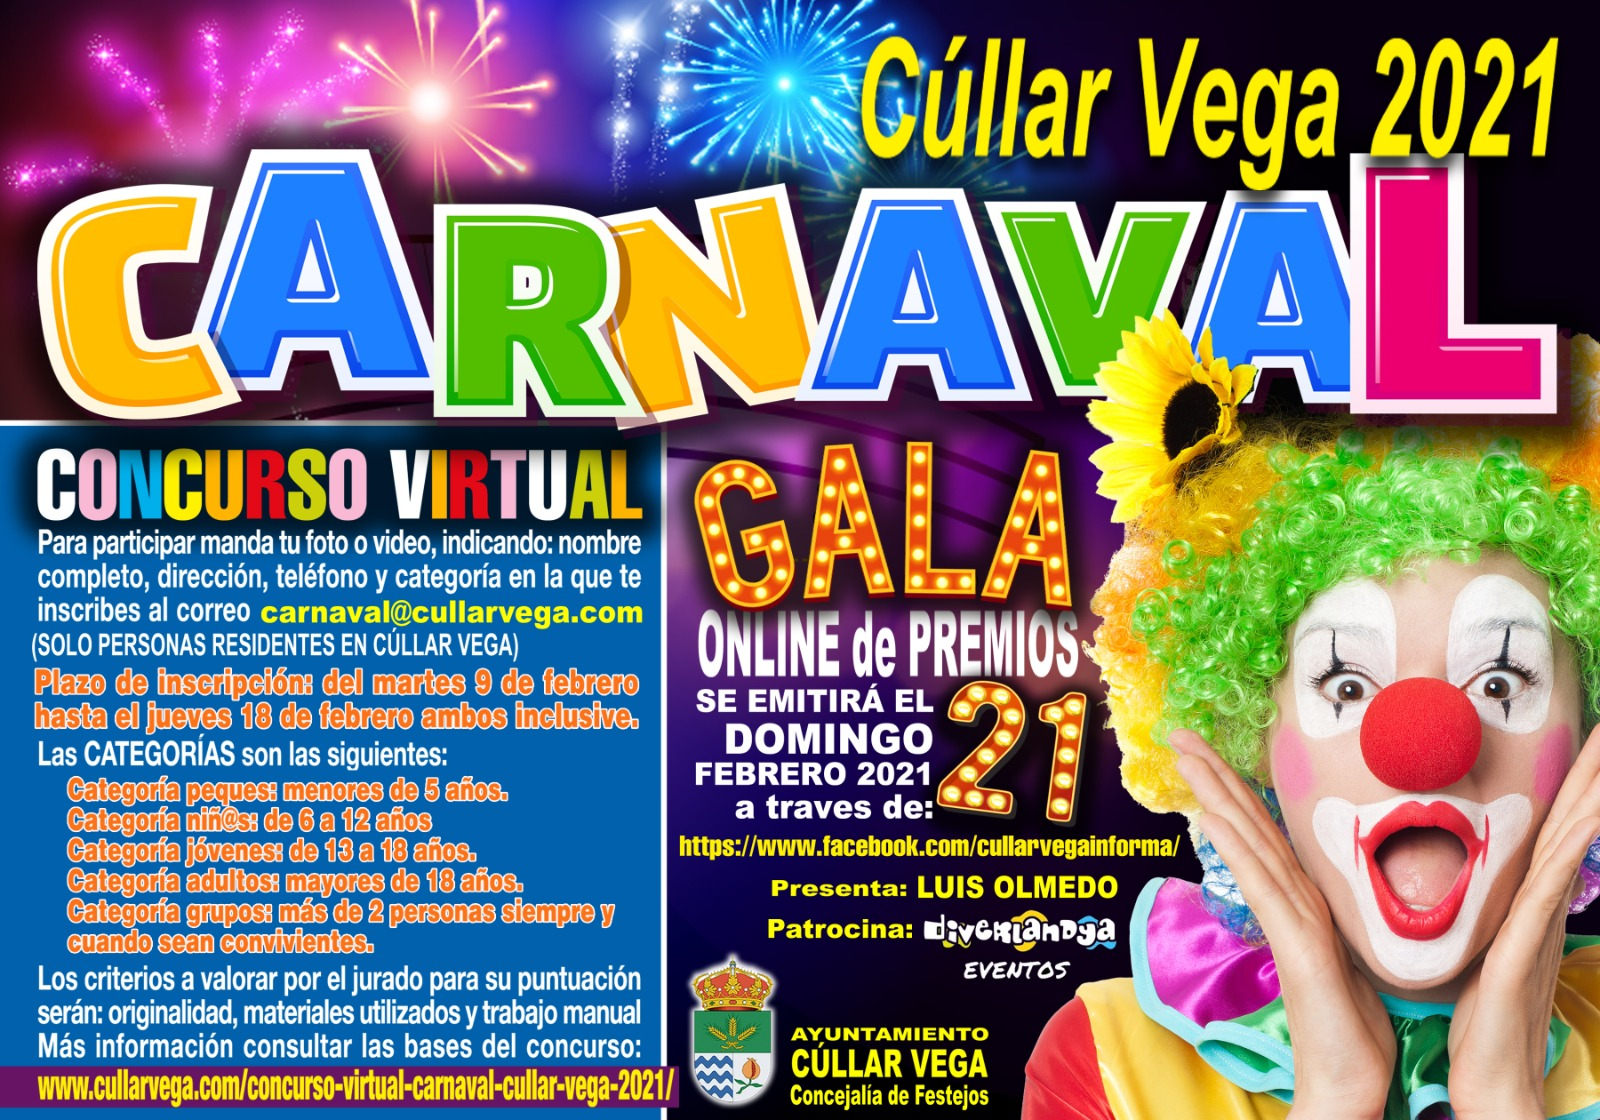 Concurso Virtual CARNAVAL Cúllar Vega 2021